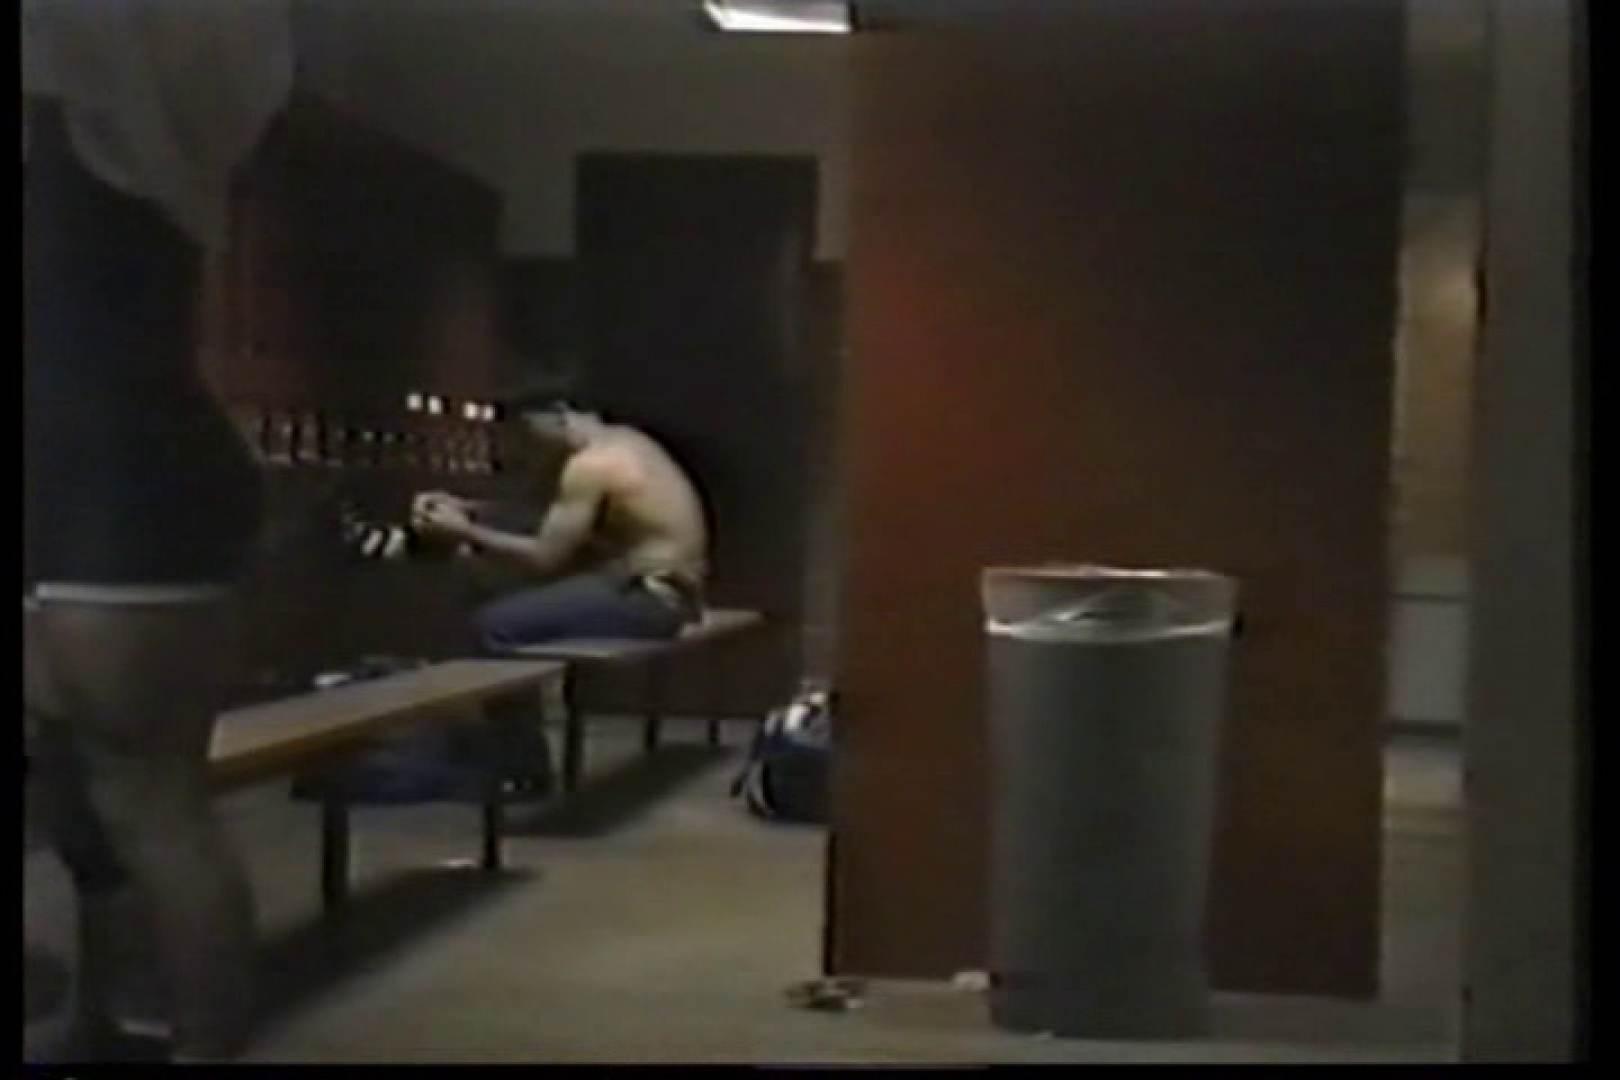 洋人さんの脱衣所を覗いてみました。VOL.3 洋物男子 ゲイ精子画像 92枚 71